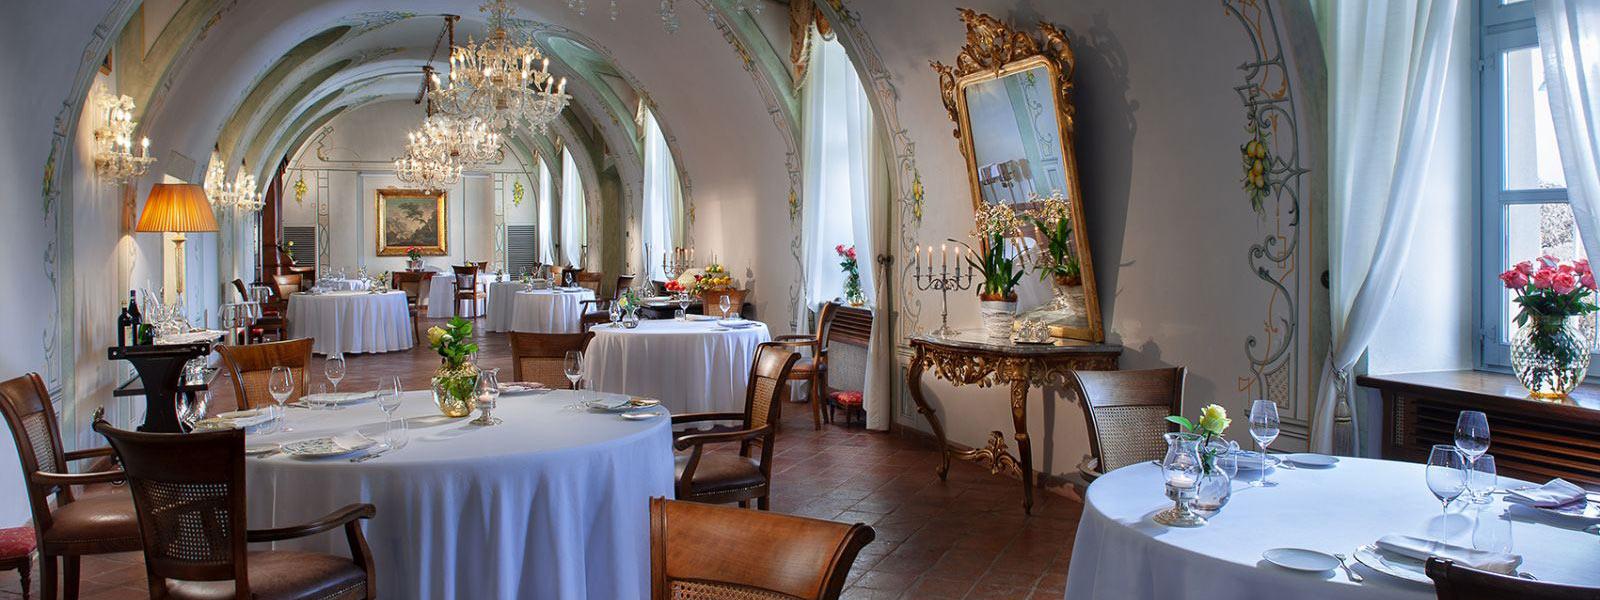 Sala Ristorante del Castello di Guarene